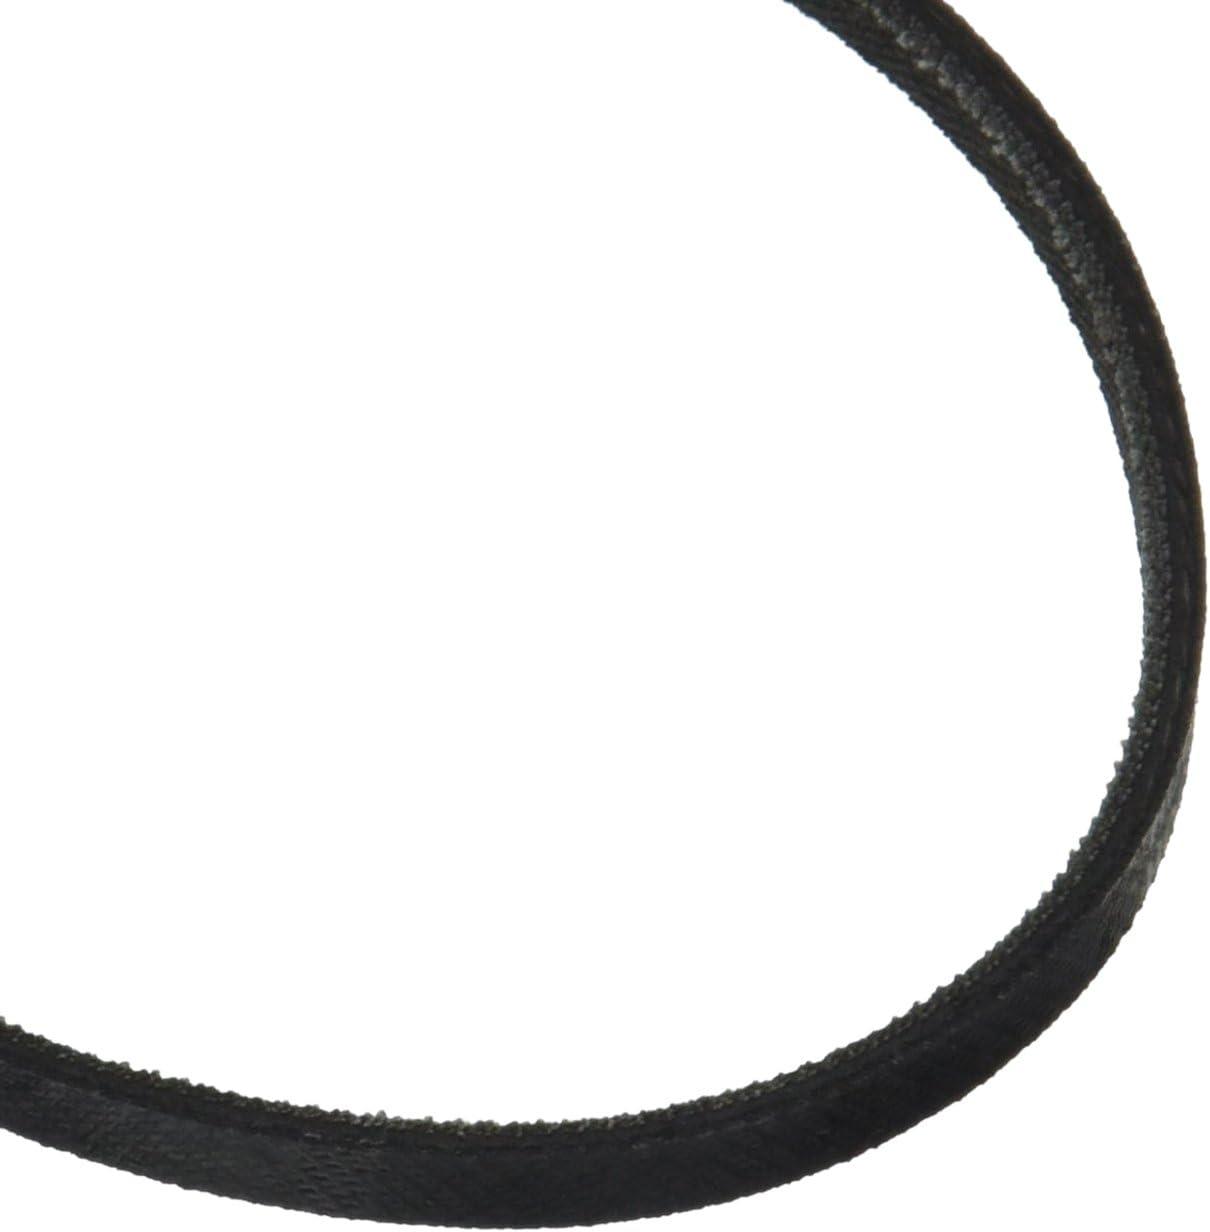 3 Hoover 38528034 38528-034 40201200 Windtunnel V-Belt Genuine